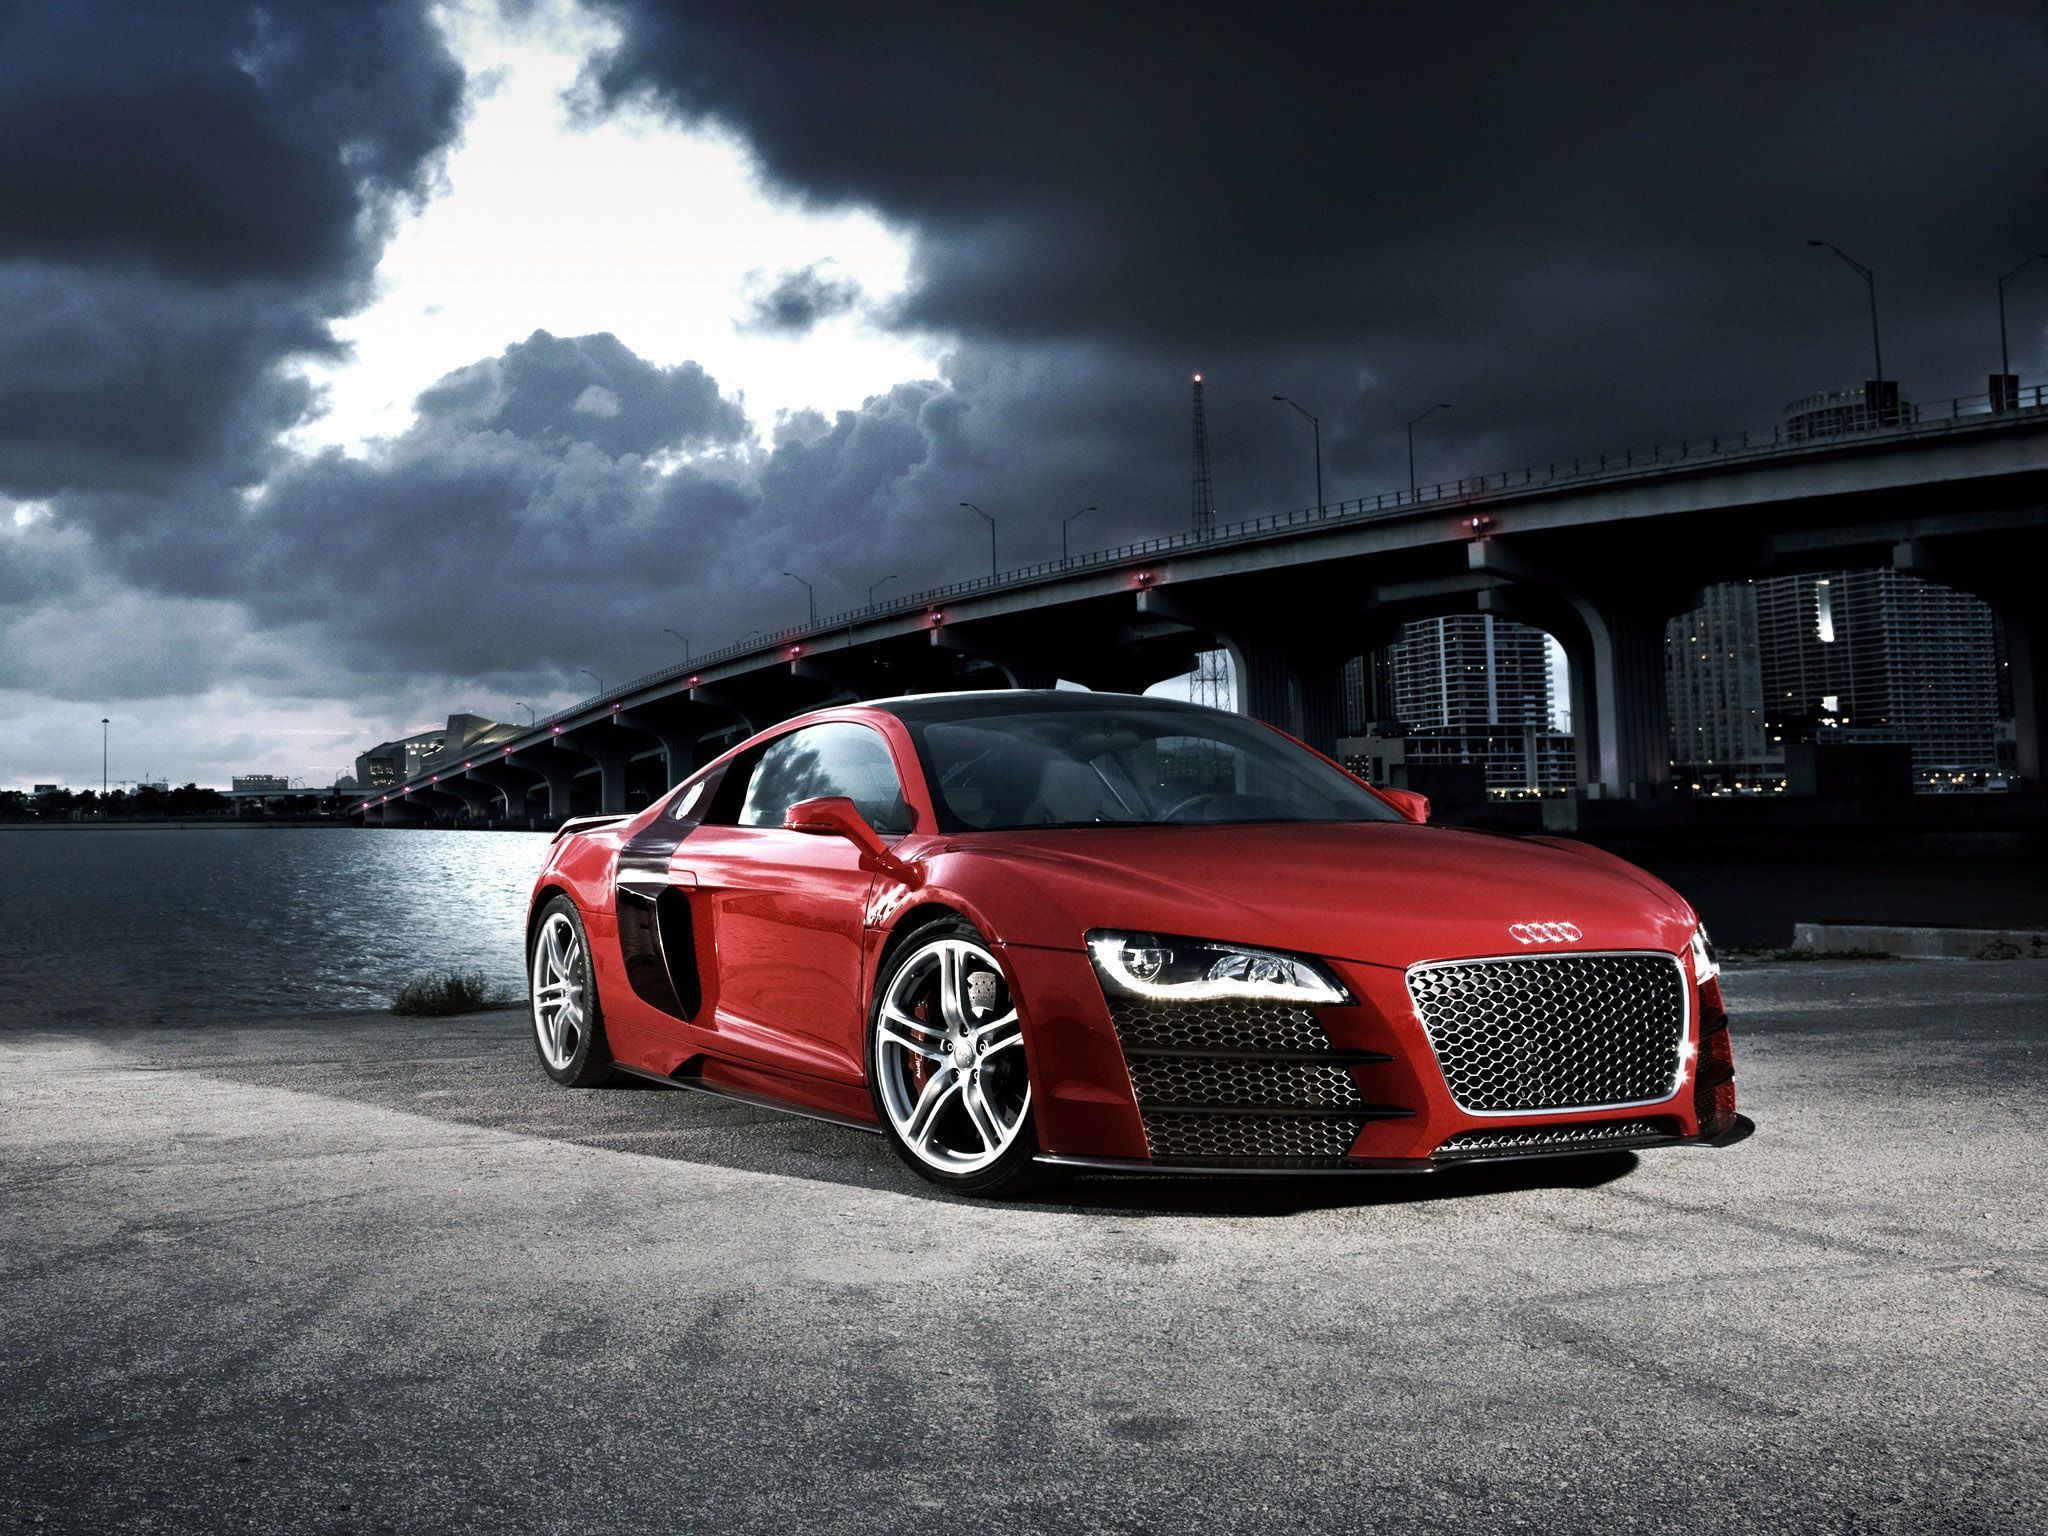 Audi Wallpaper Audi R8 Car Audi R8 Wallpaper Red Audi